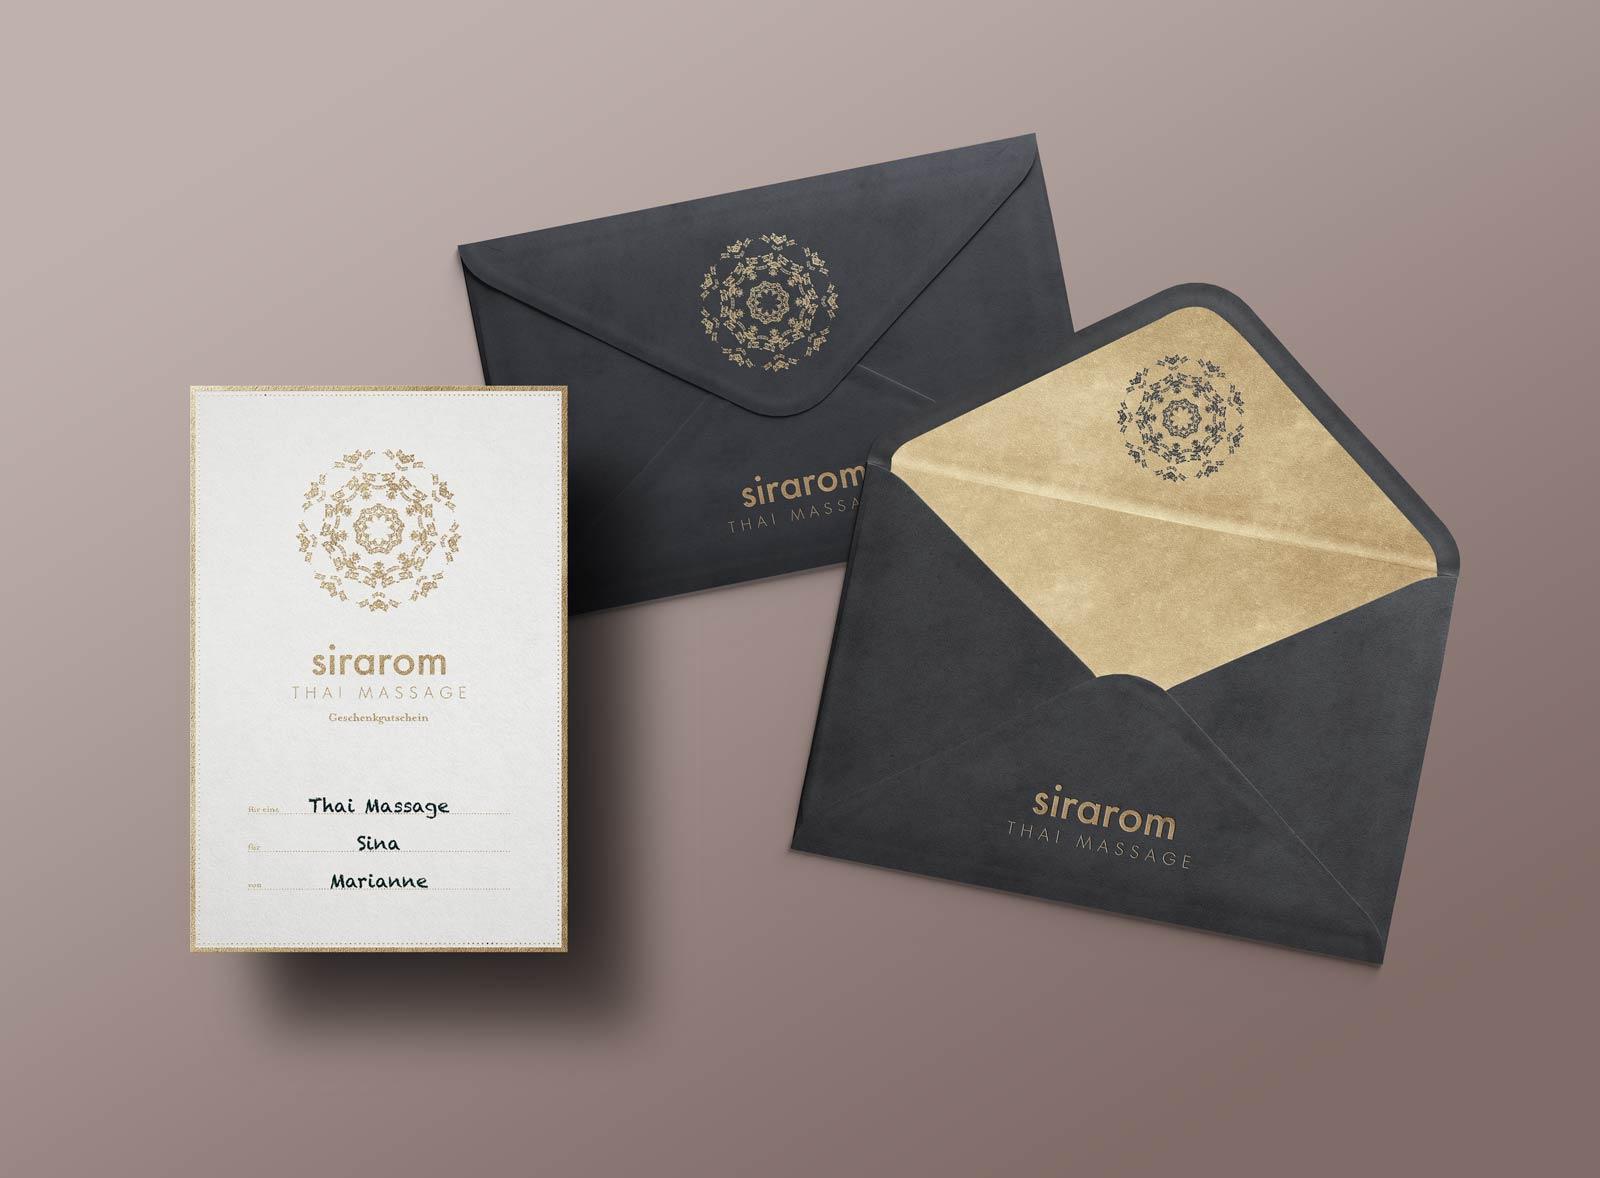 sirarom Massage Corporate Design Geschenkgutschein Gesa Siebert Kommunikationsdesign